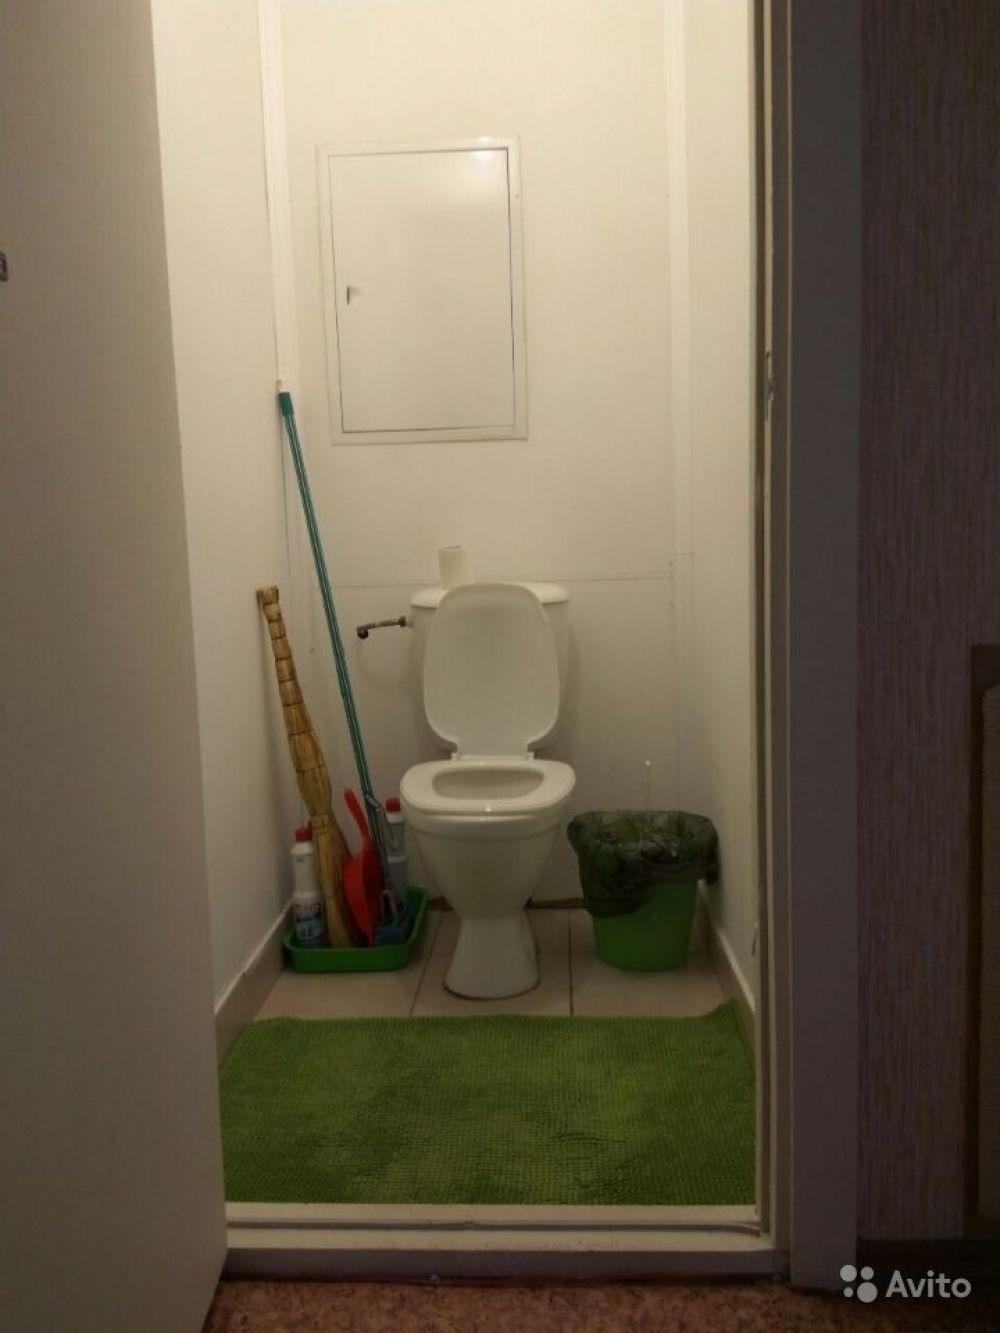 Однокомнатная квартира улучшенной планировки 47.6 м2, г. Щелково, Богородский мкр,10, фото 9